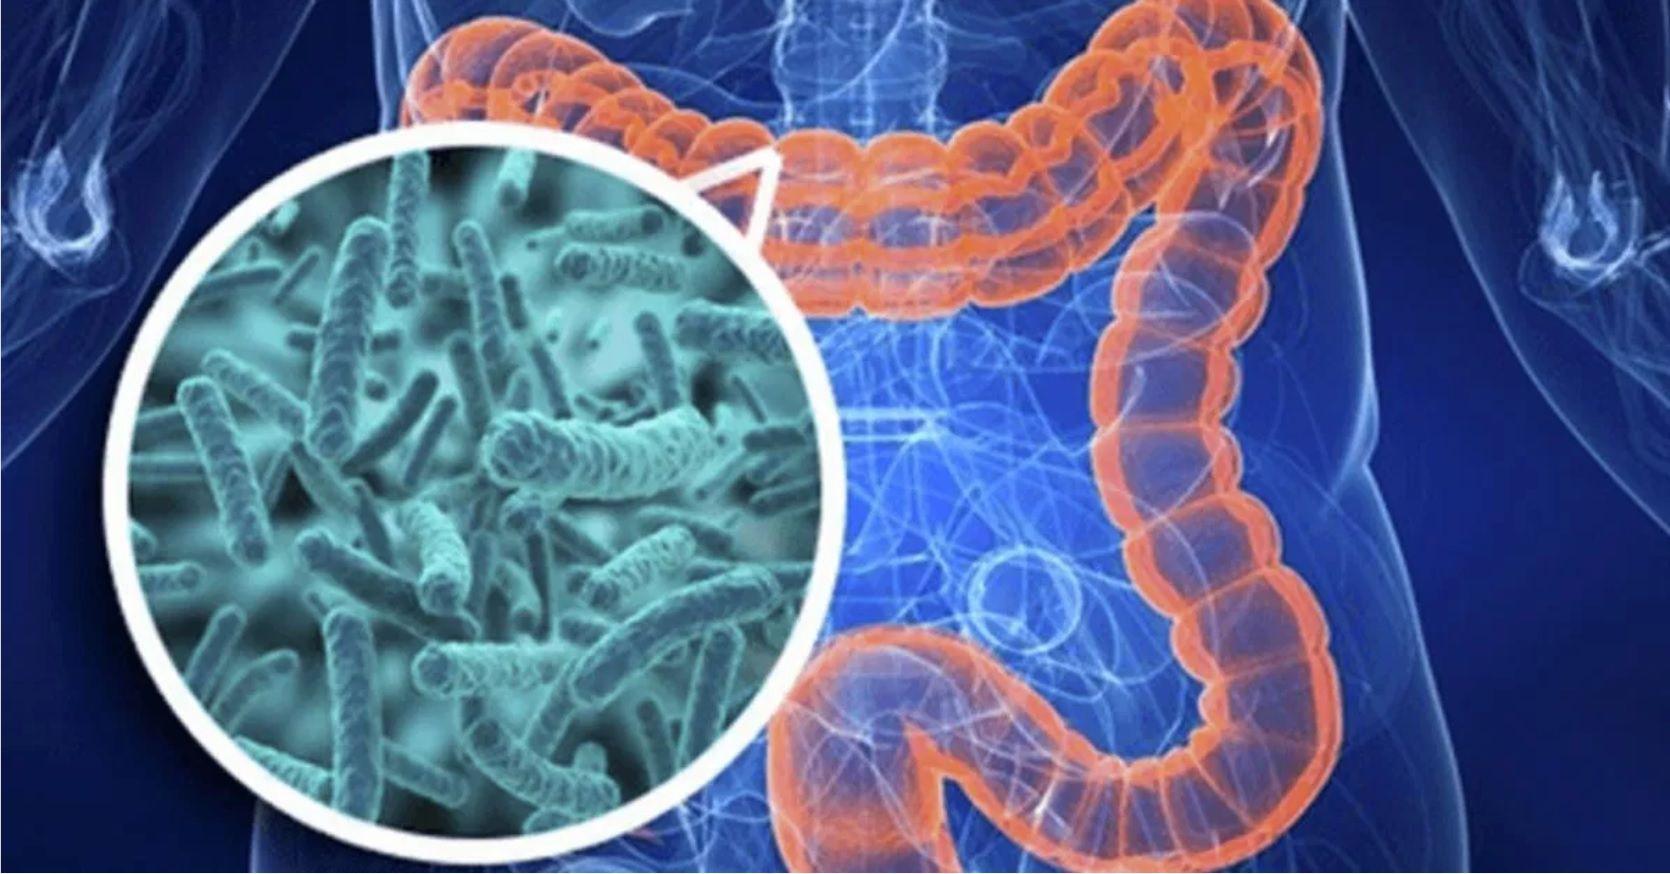 La alimentación es clave a la hora de recibir la inoculación contra el virus SARS-CoV-2